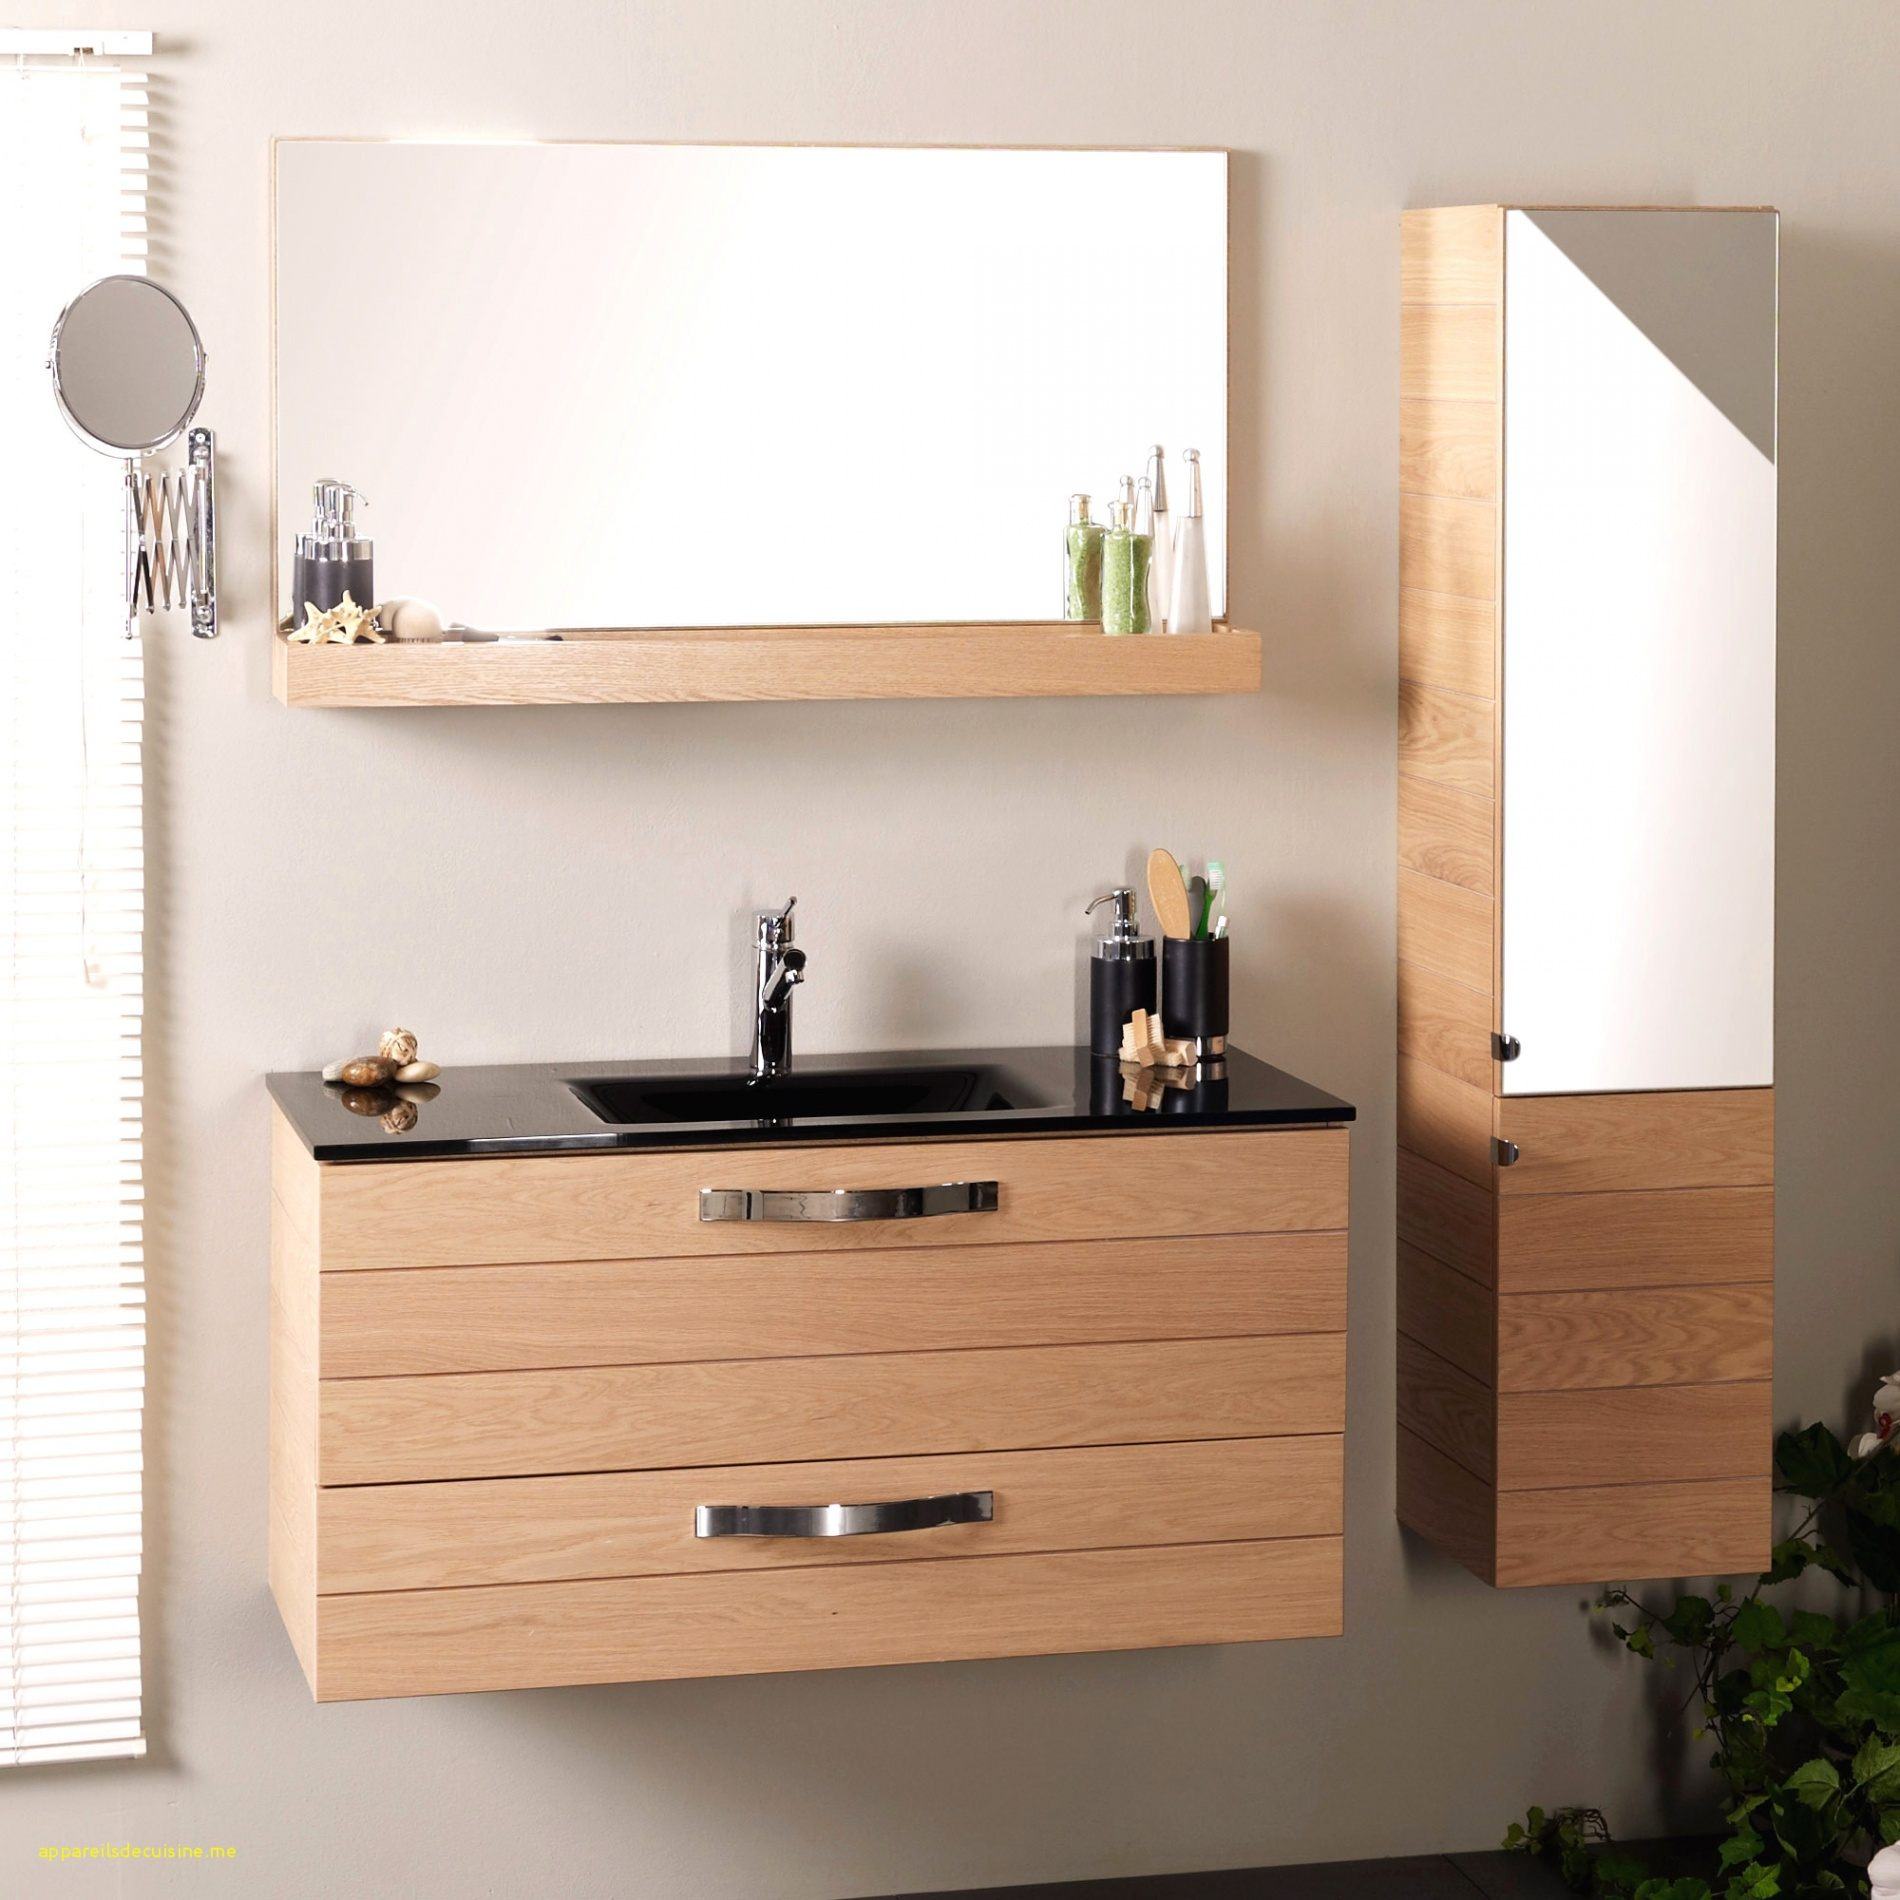 tete de lit miroir l gant meuble haut el gant meuble haut. Black Bedroom Furniture Sets. Home Design Ideas